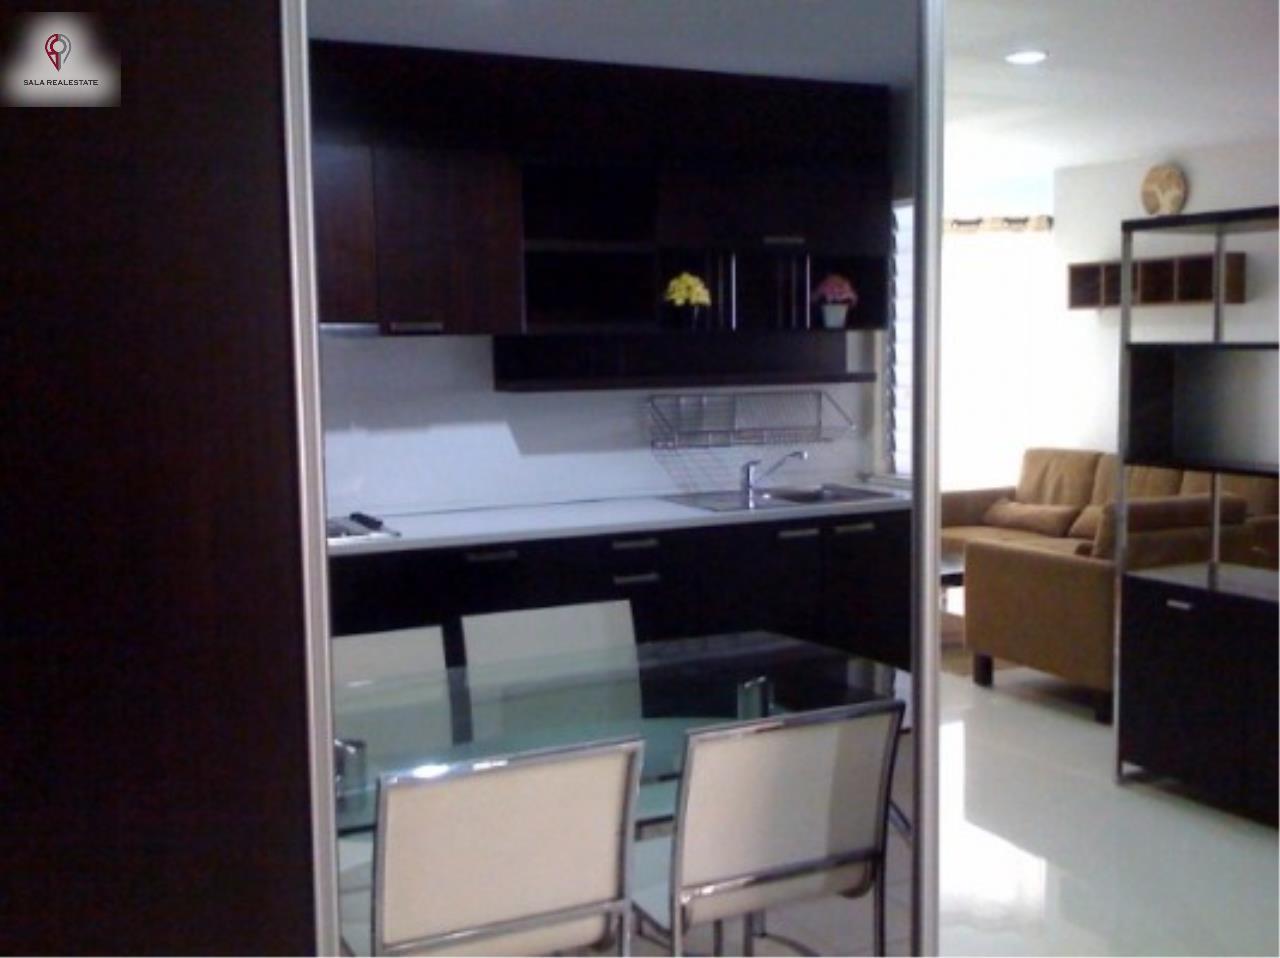 SALA ESTATE Agency's BELLE PARK residence 4